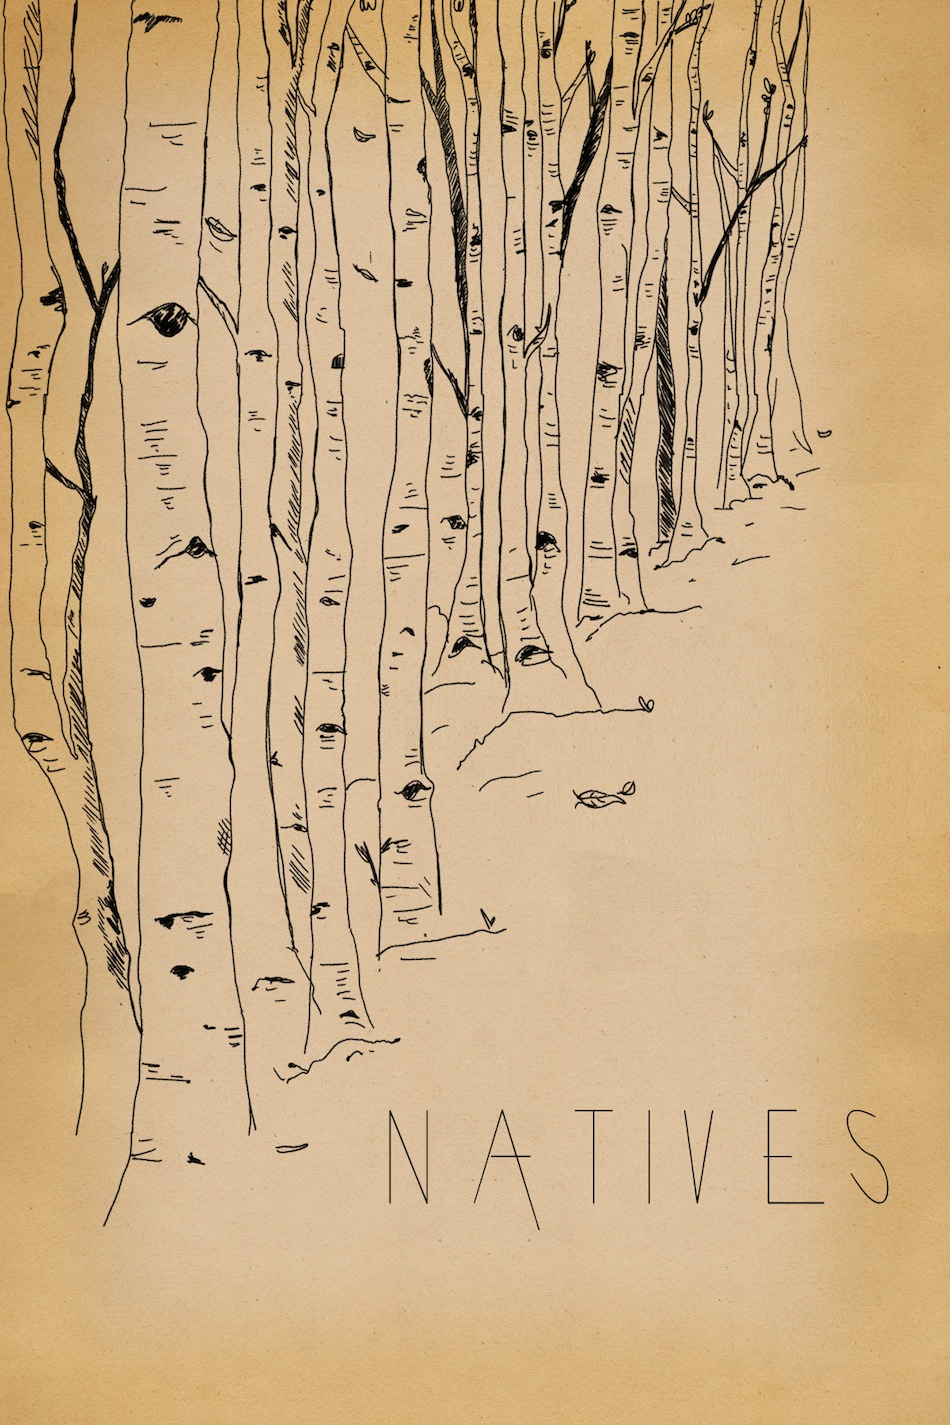 Nativesposter.jpg